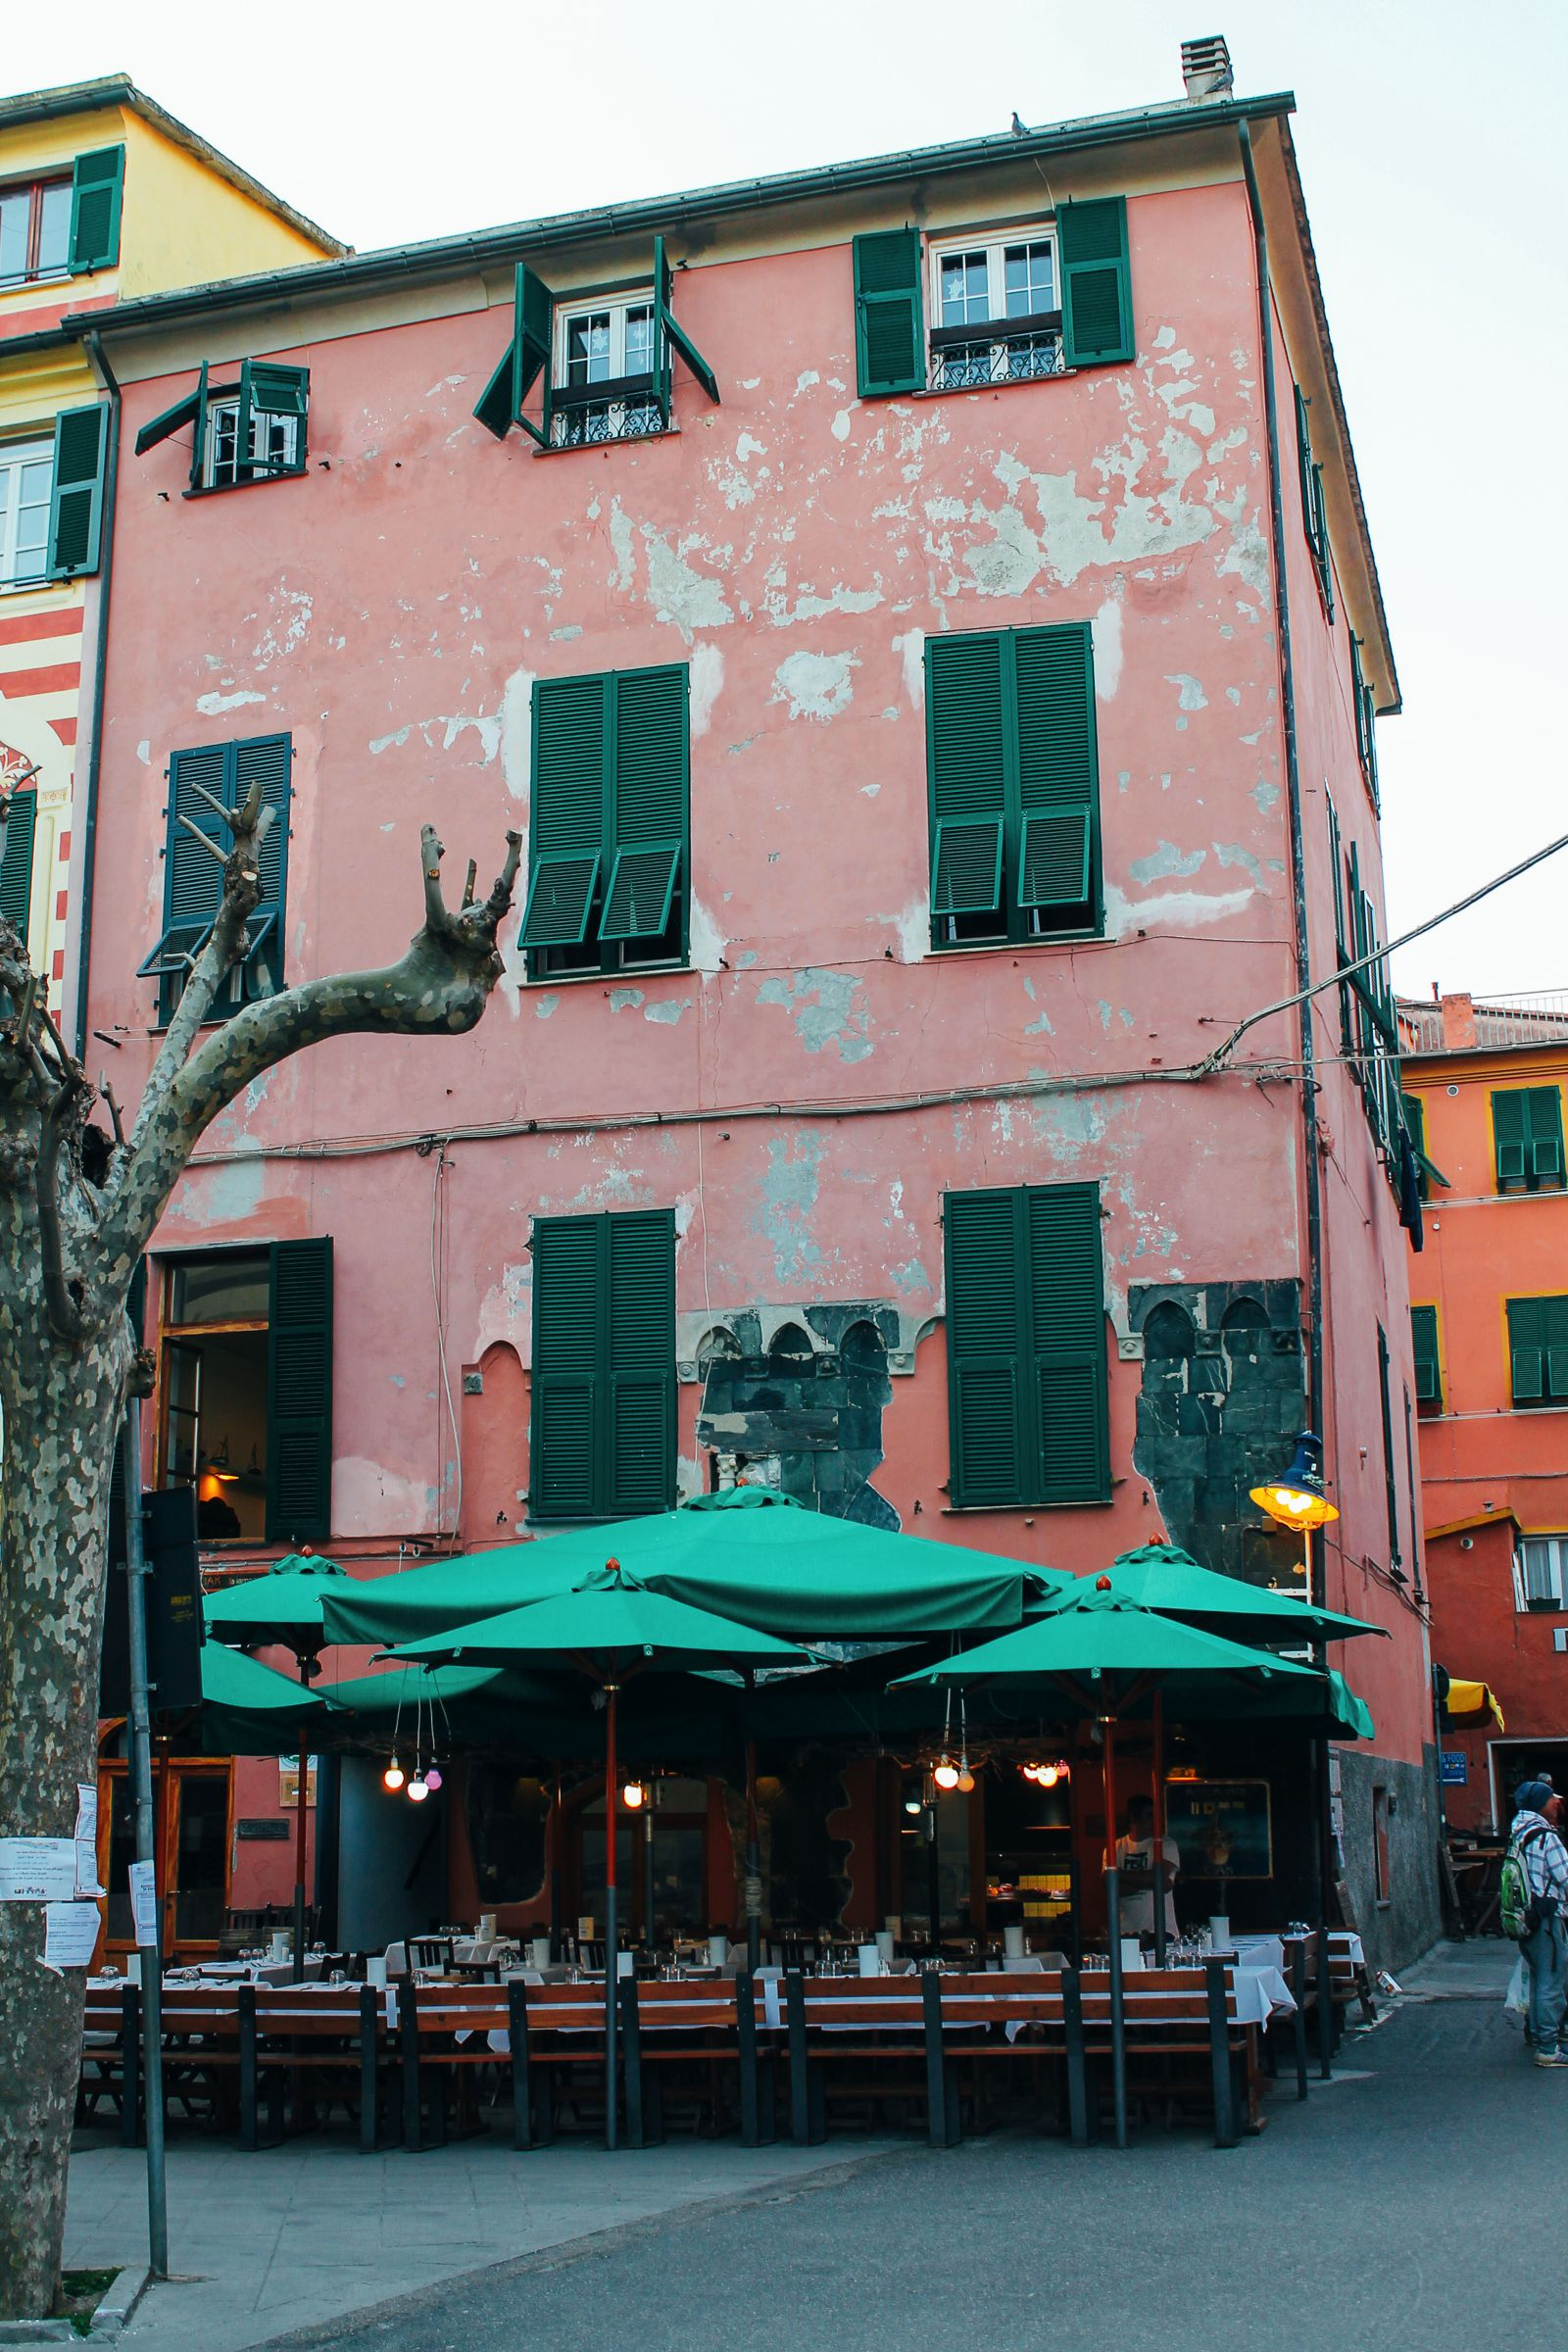 Monterosso al Mare in Cinque Terre, Italy - The Photo Diary! [5 of 5] (5)